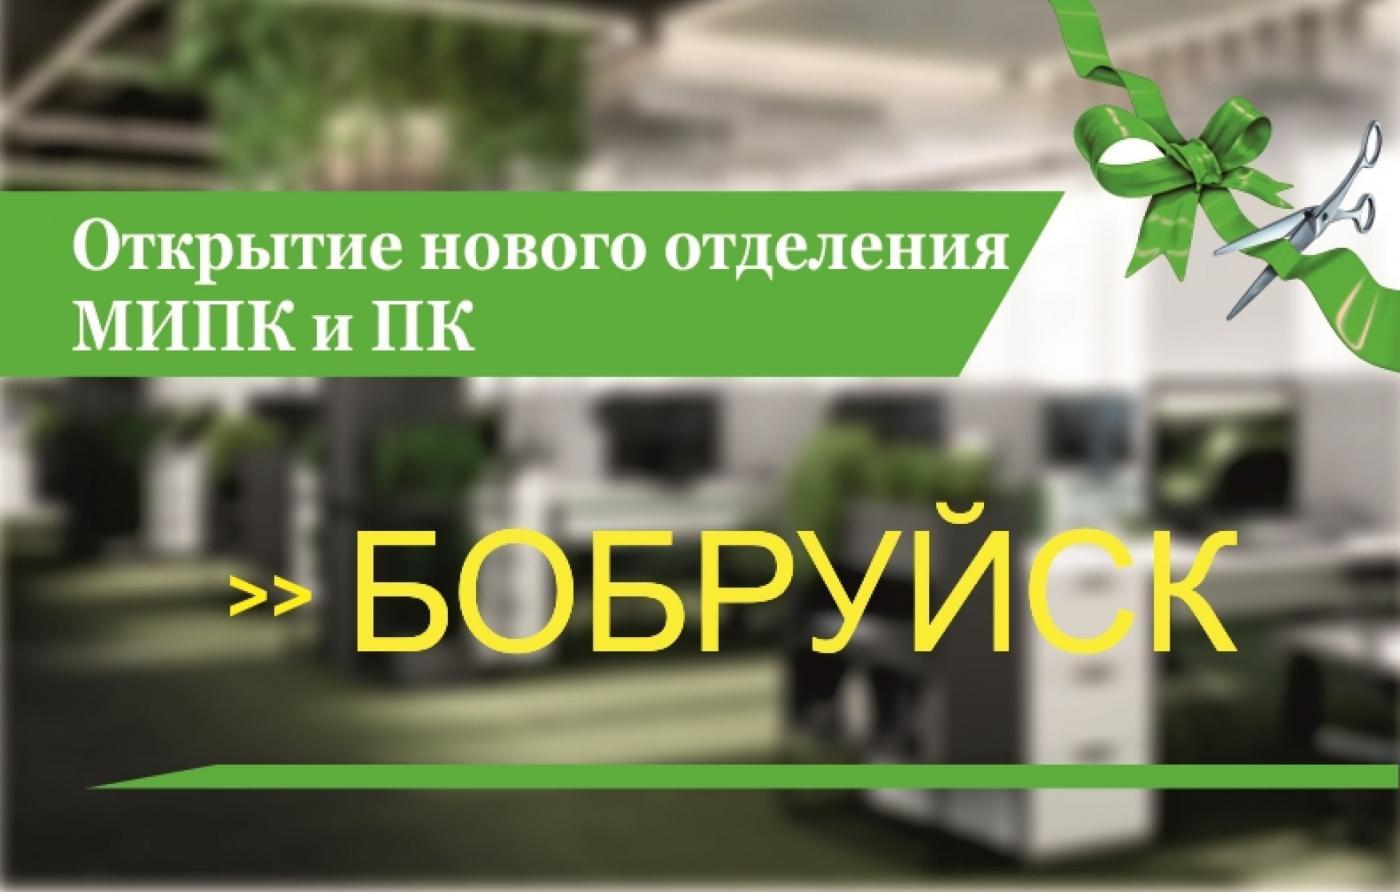 Плюс один: МИПК и ПК открыл новое отделение в Бобруйске